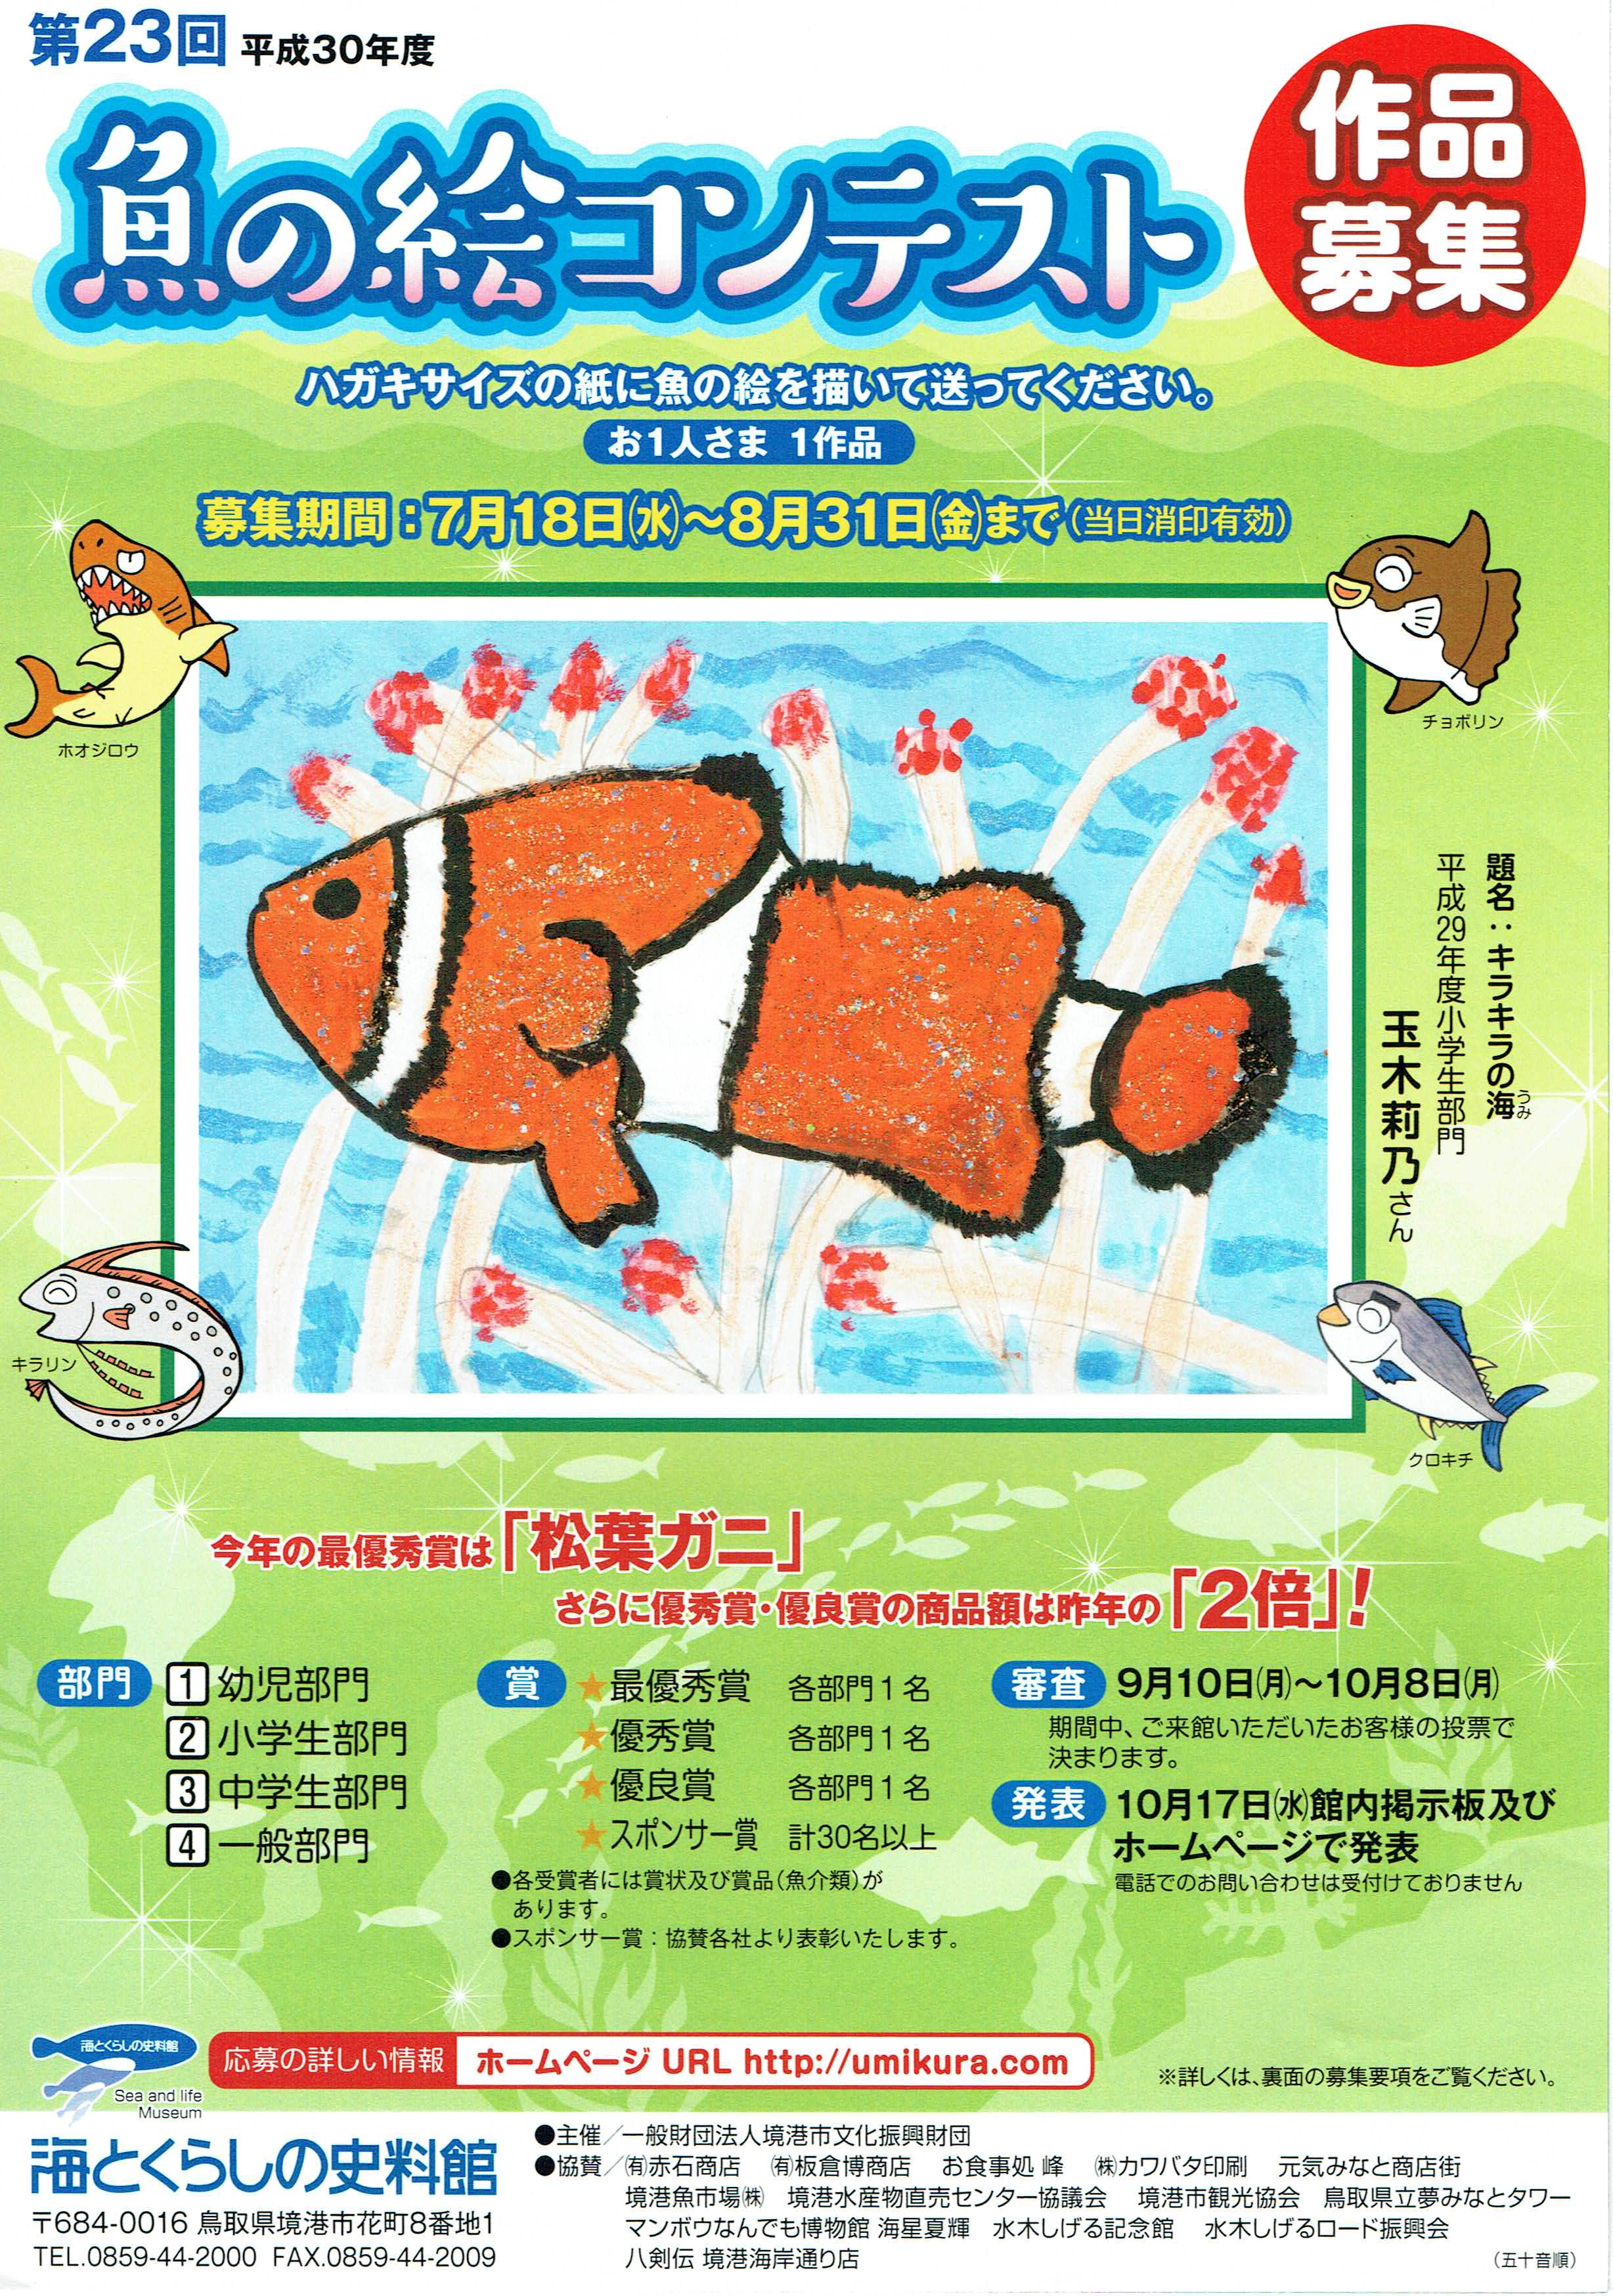 第23回魚の絵コンテストのイメージ